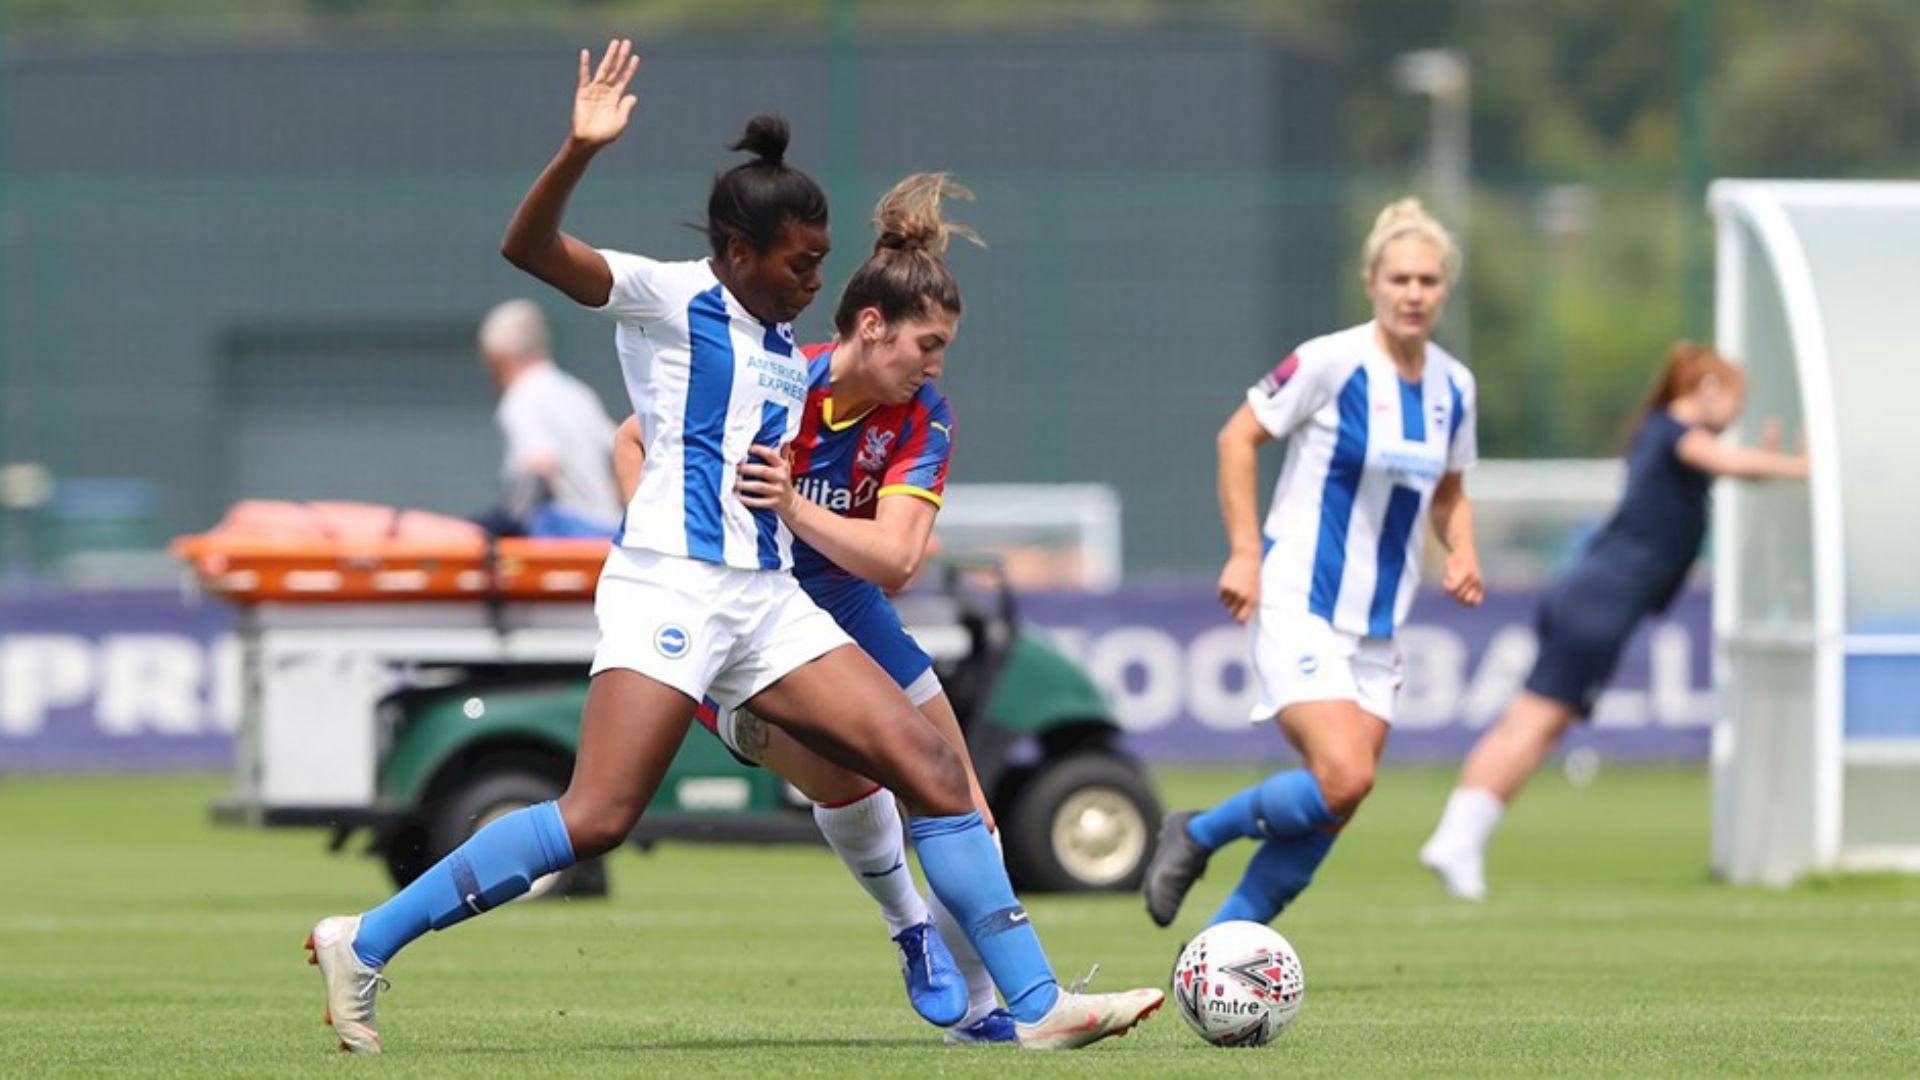 Ini-Abasi Umotong on target in Brighton 5-0 win against London Bees